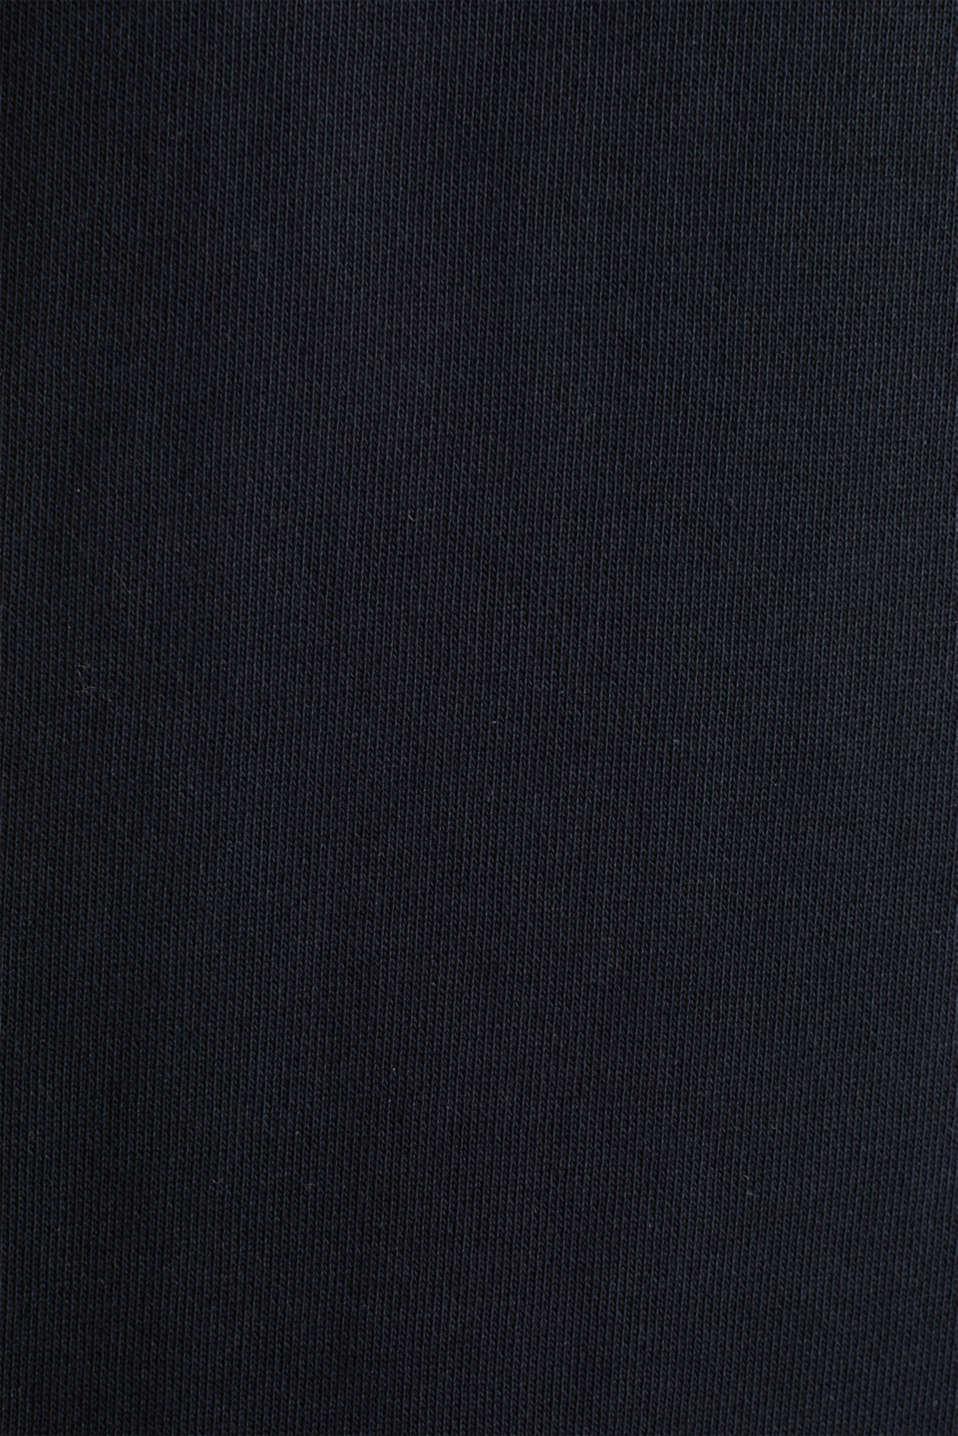 Short sleeve hoodie in 100% cotton, BLACK, detail image number 4